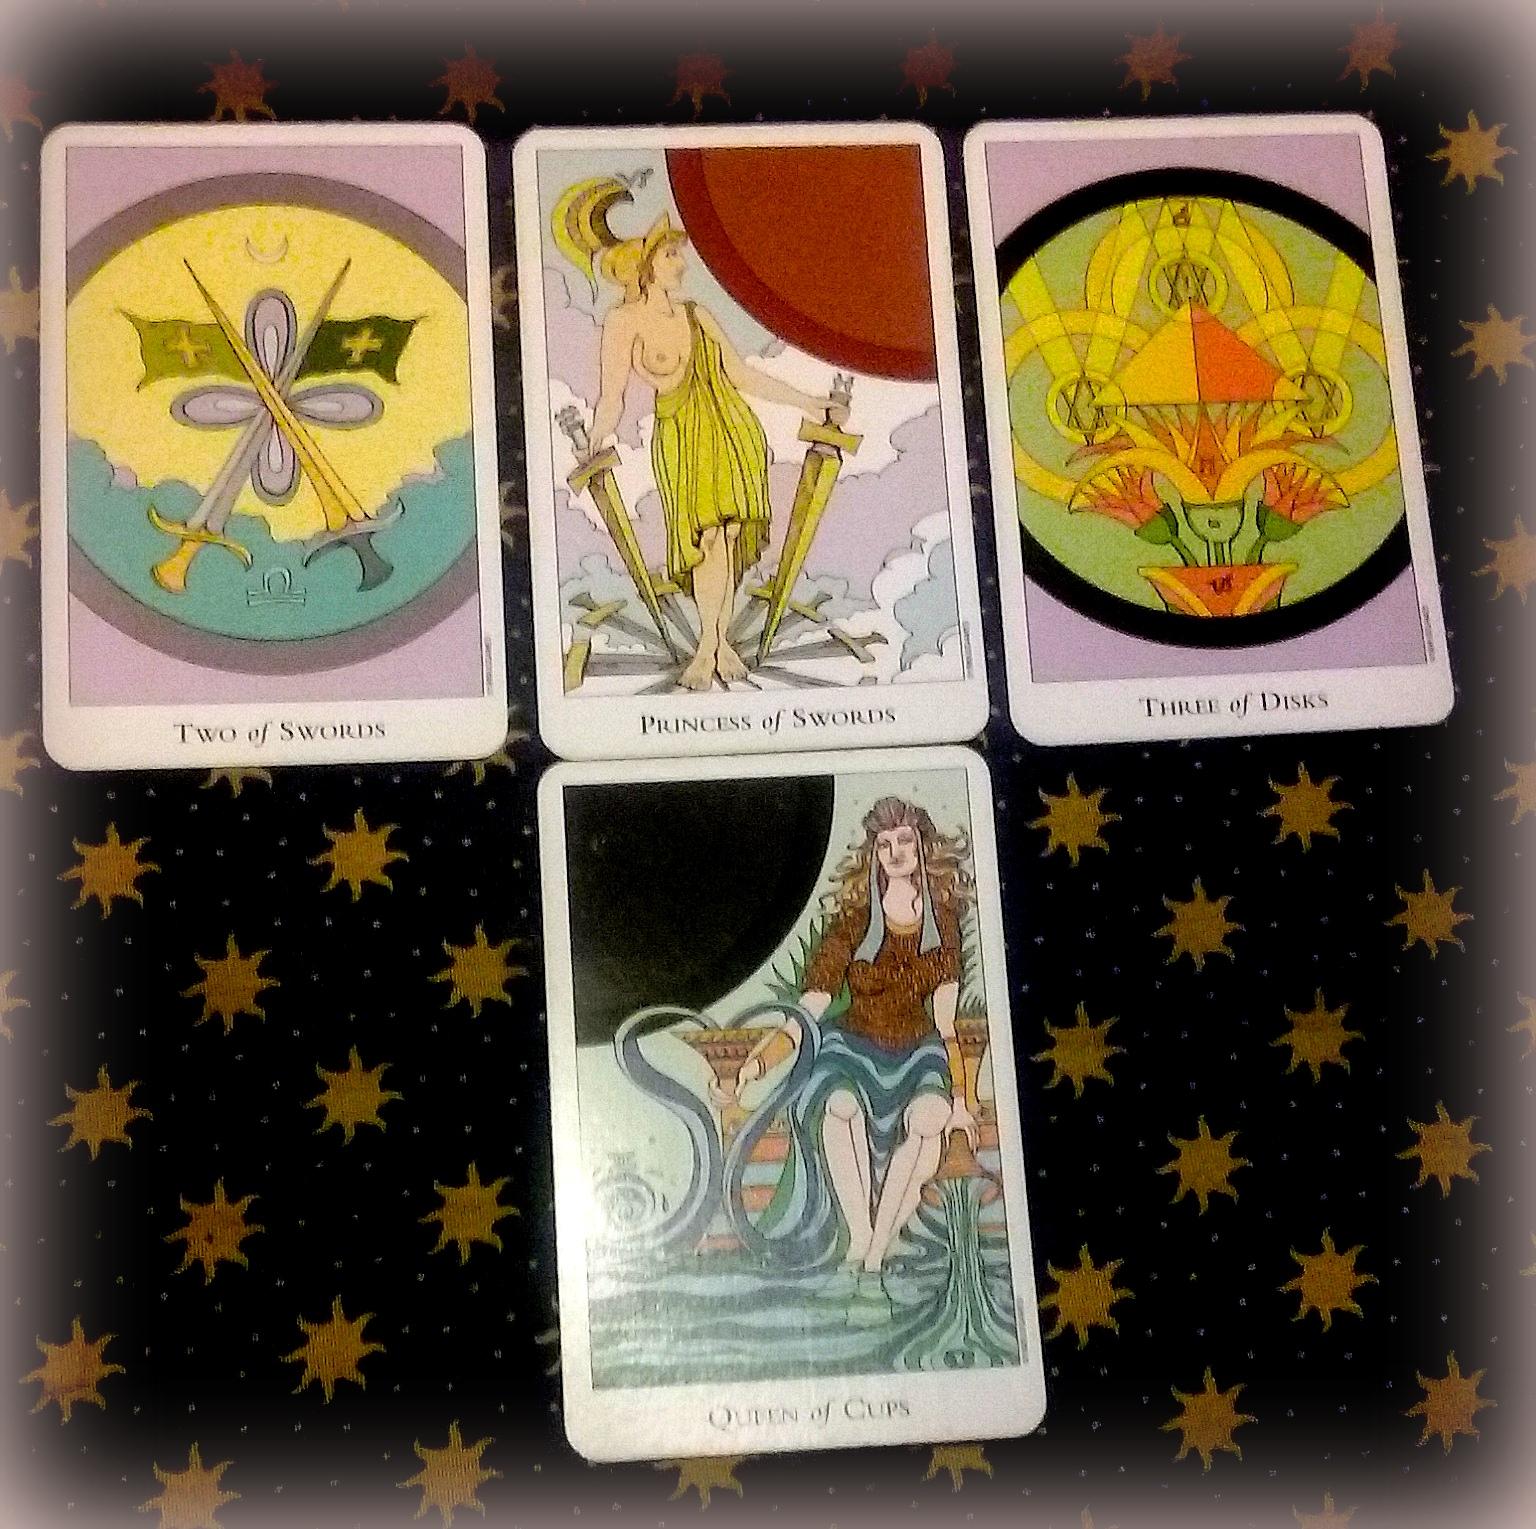 Weekly Tarot Reading – Sunday, September 25, 2016